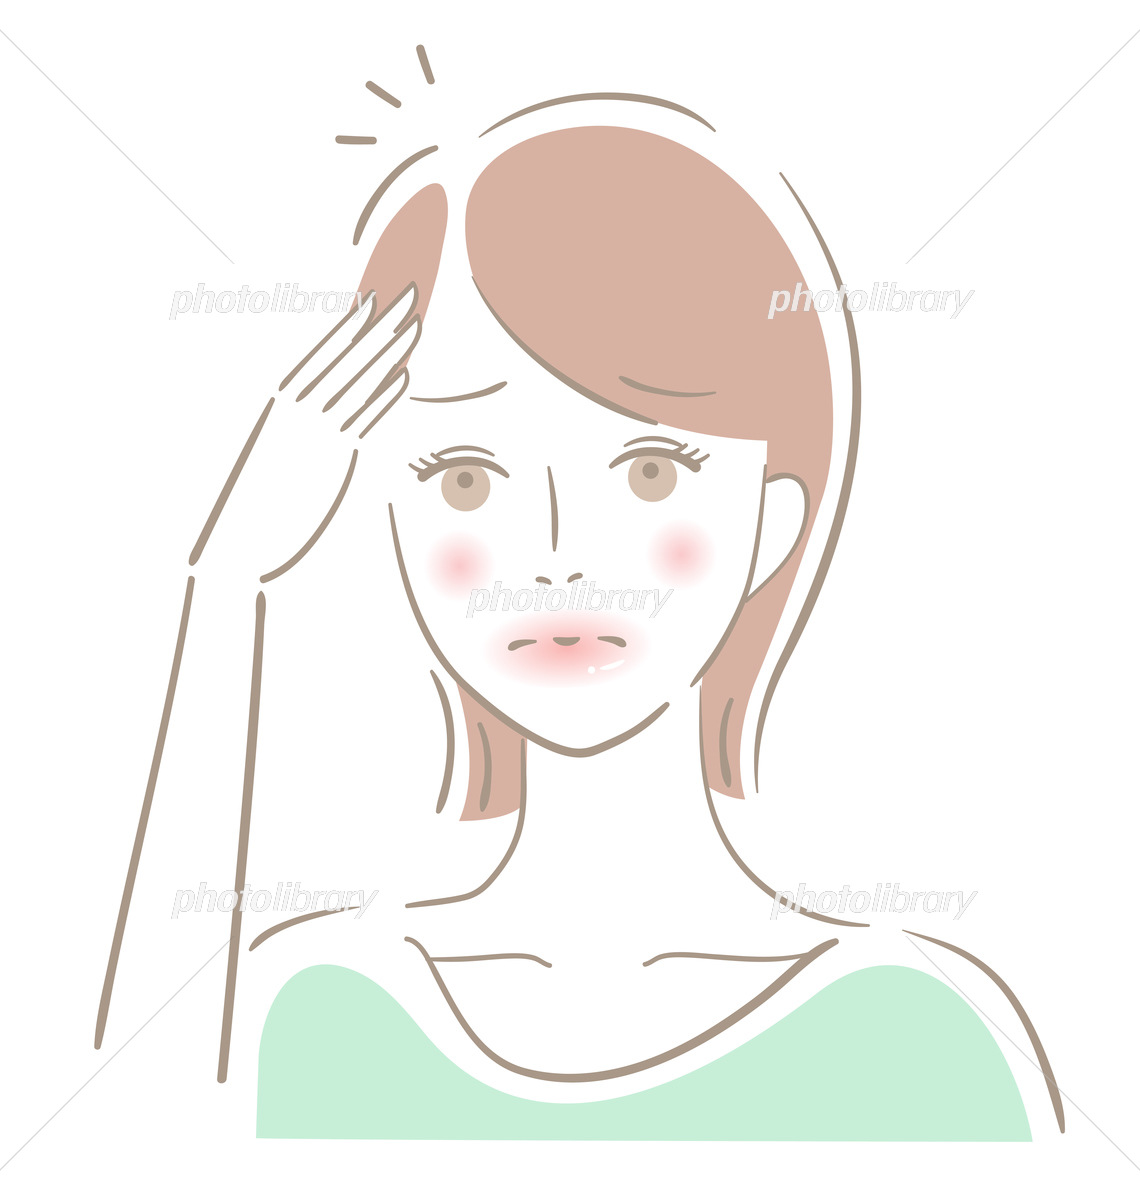 分け目 薄毛 薄毛、コシがない、分け目が目立つ…髪のお悩みを抜本的に解決する方法